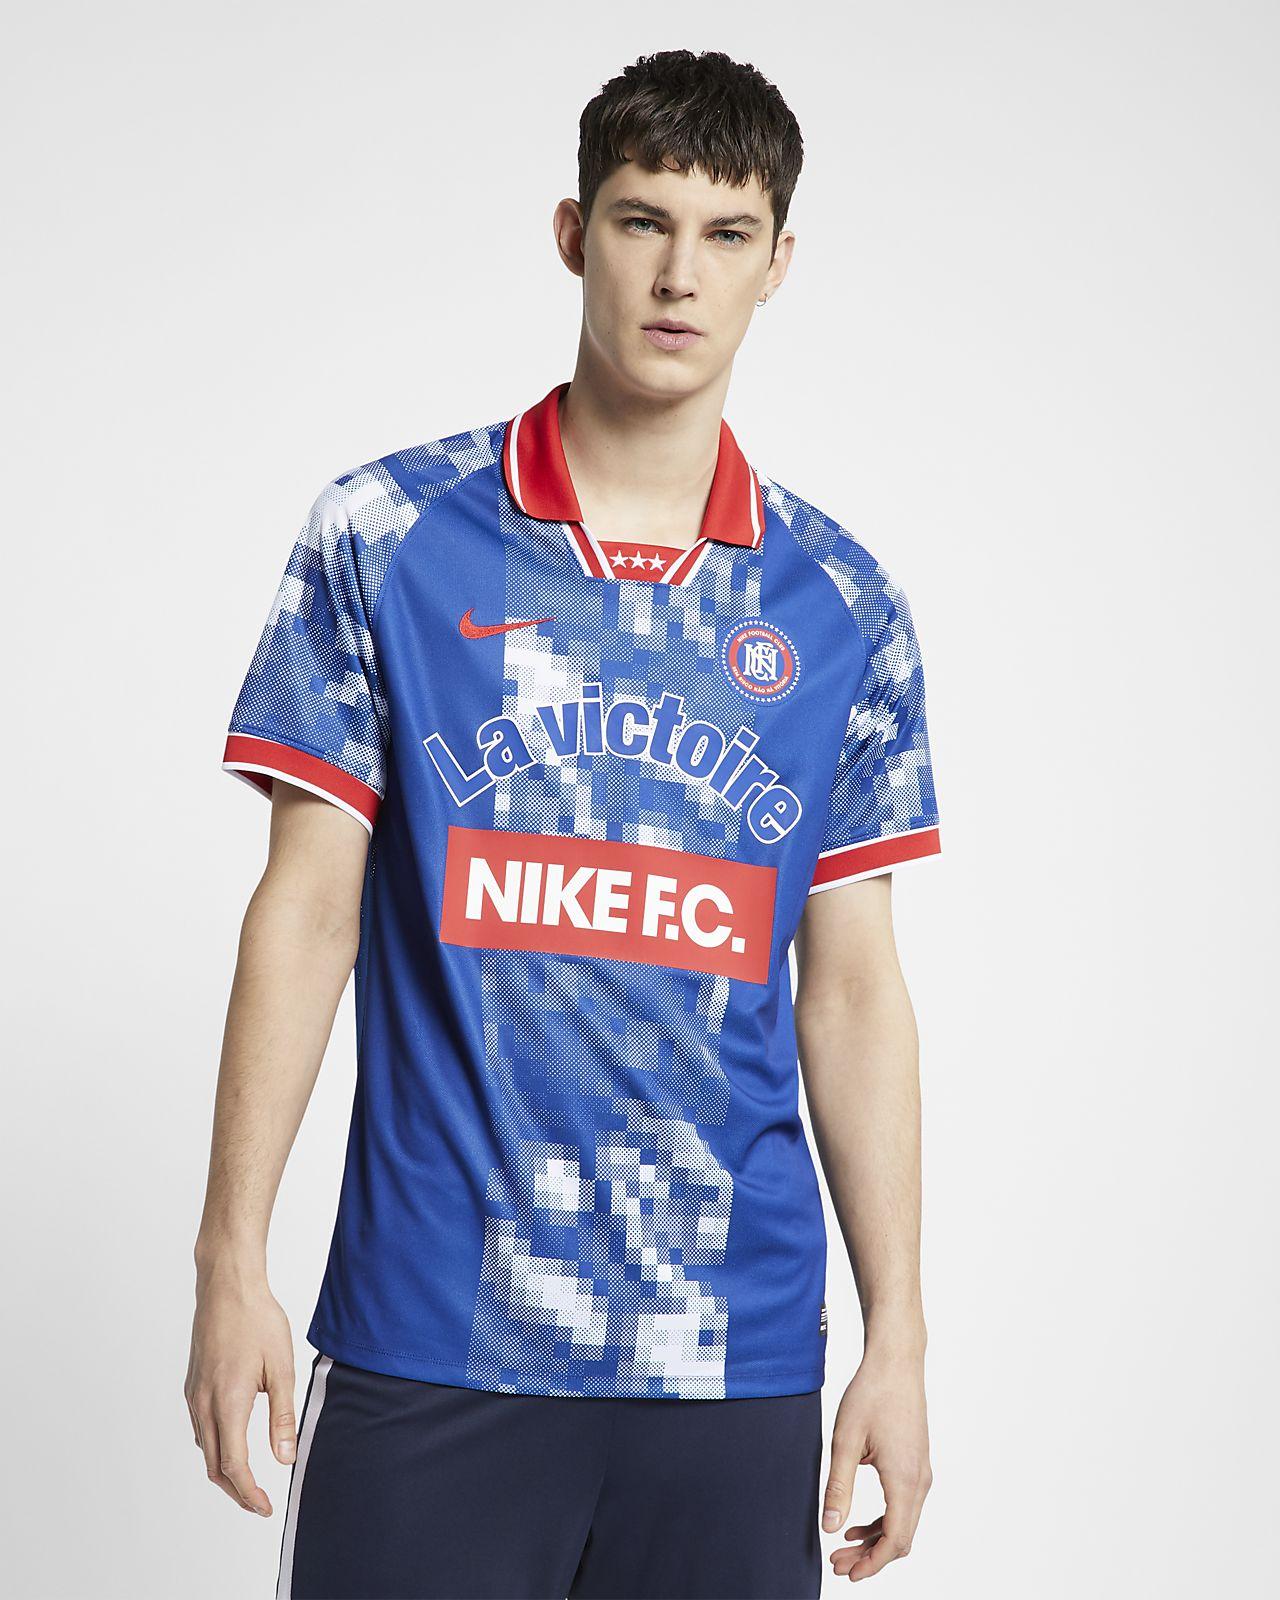 Fotbollströja Nike F.C. för män